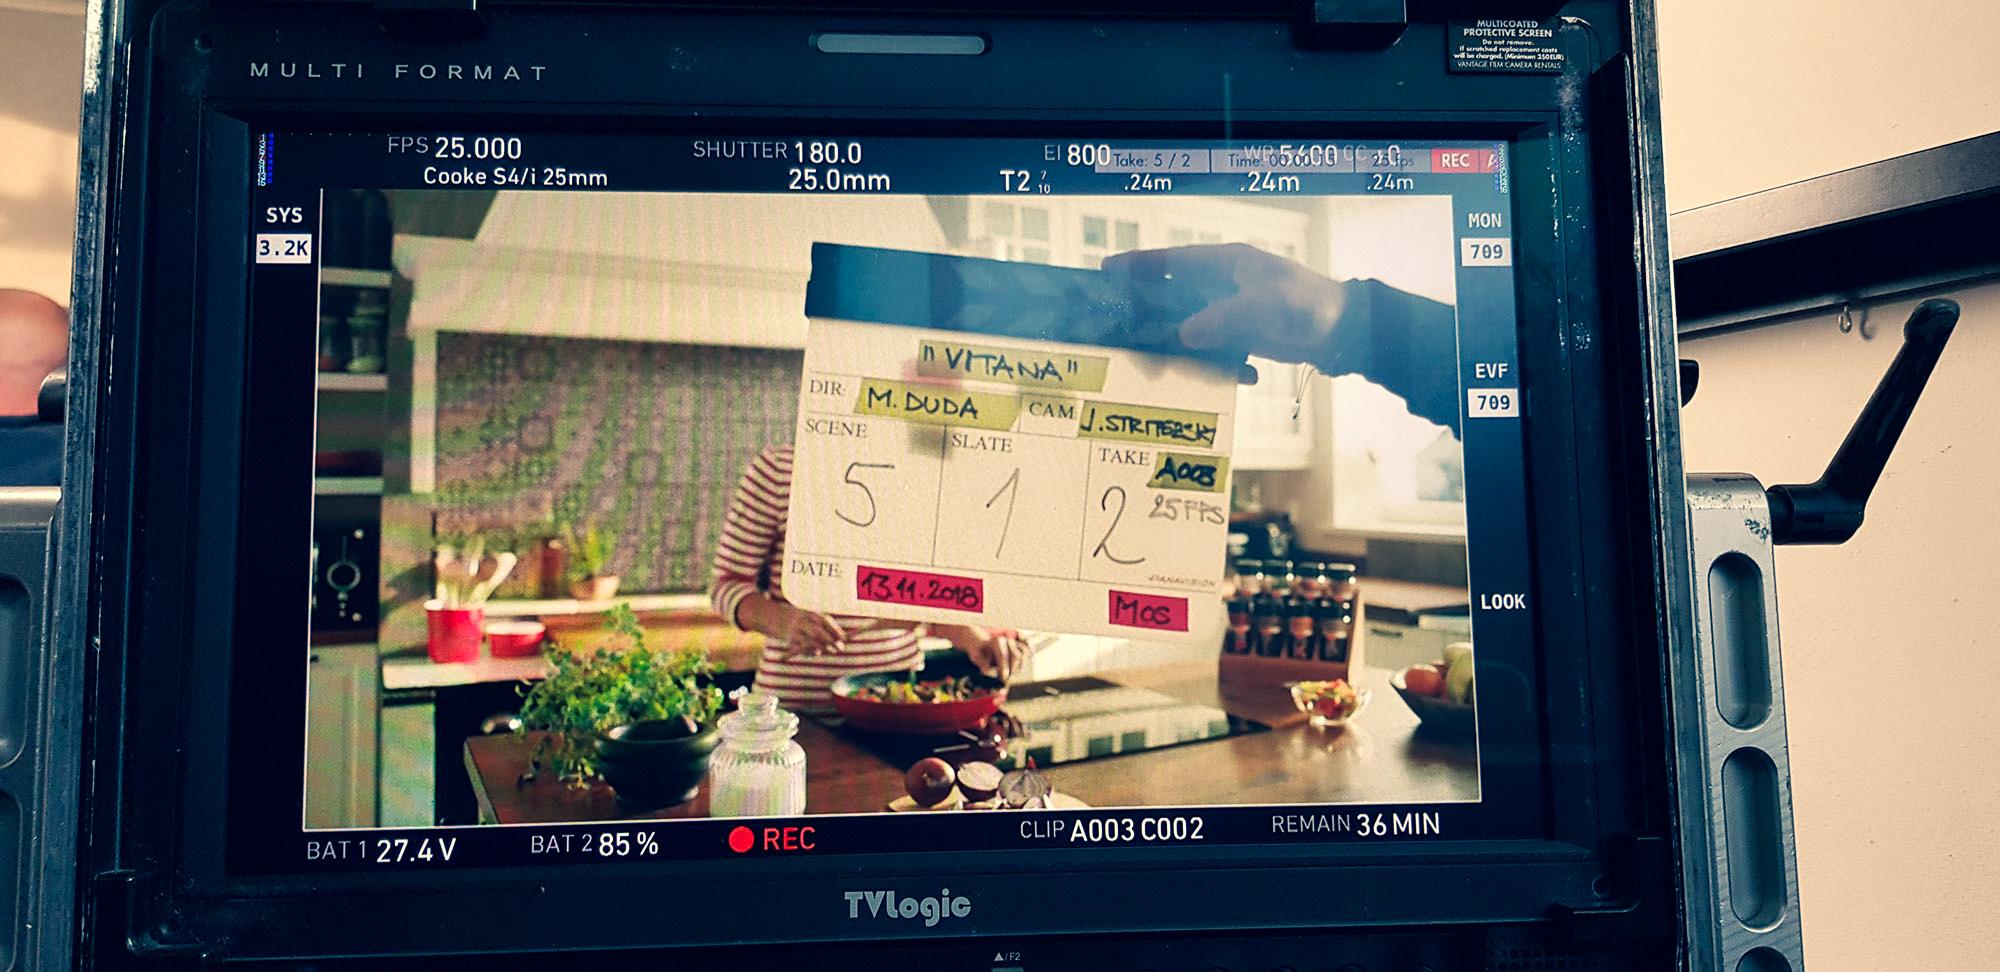 Vitana_shoot_01.jpg